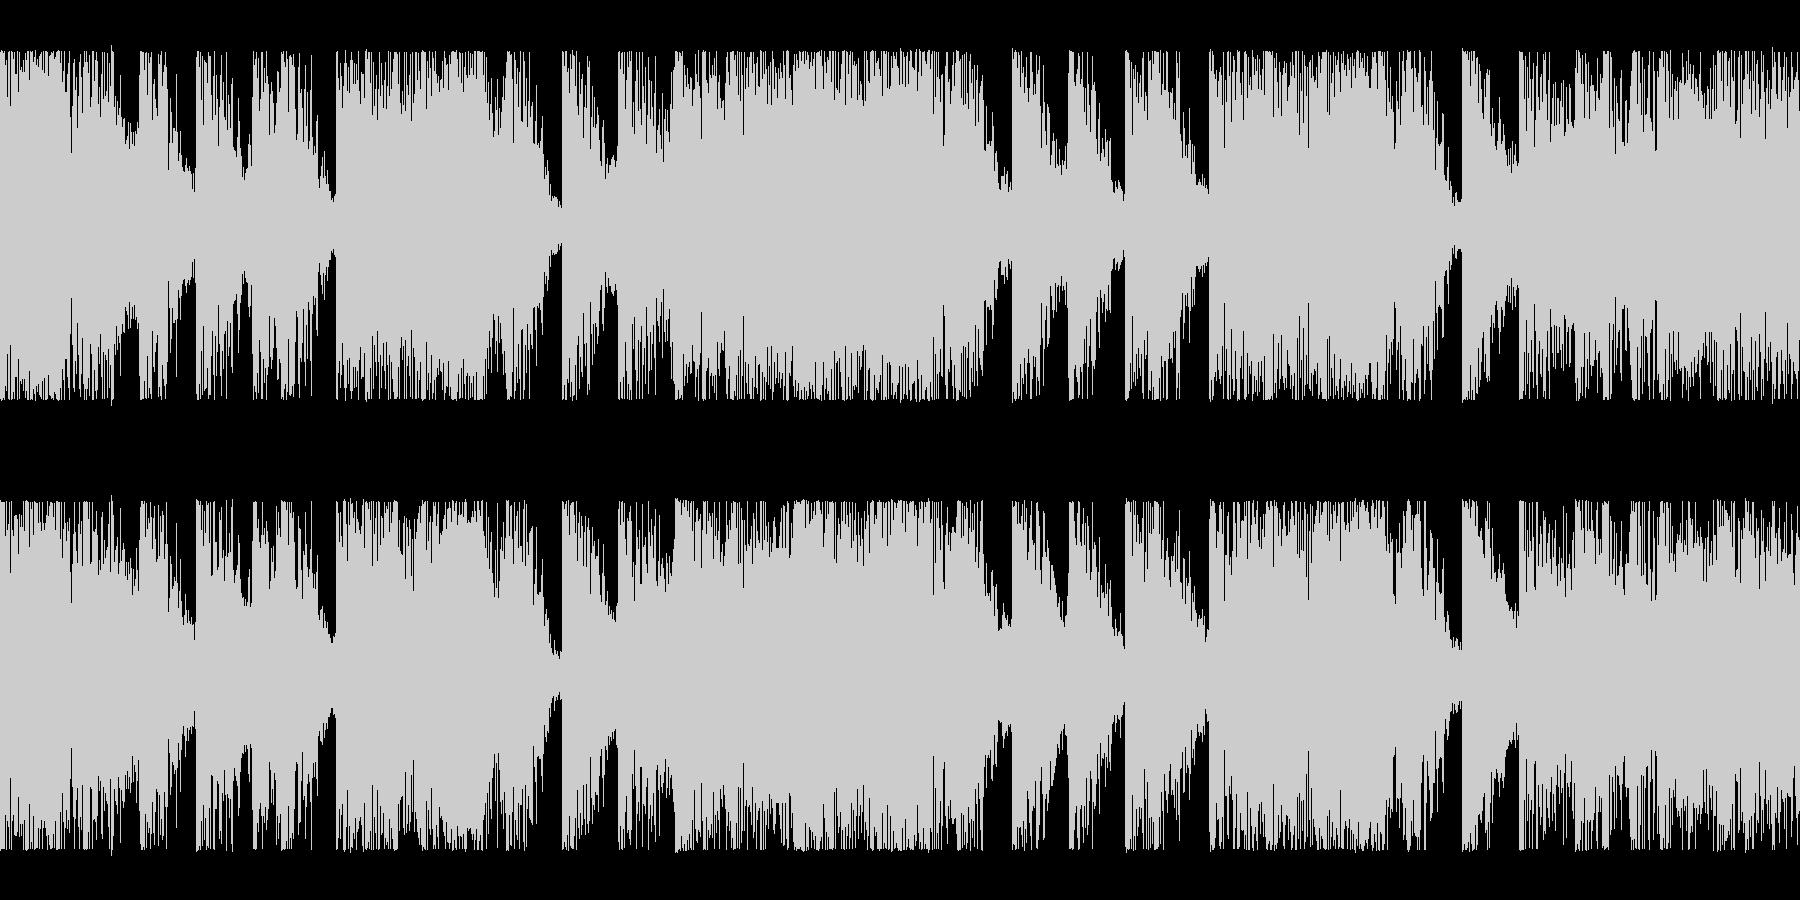 メタルコア風のヘヴィーLOOP BGMの未再生の波形